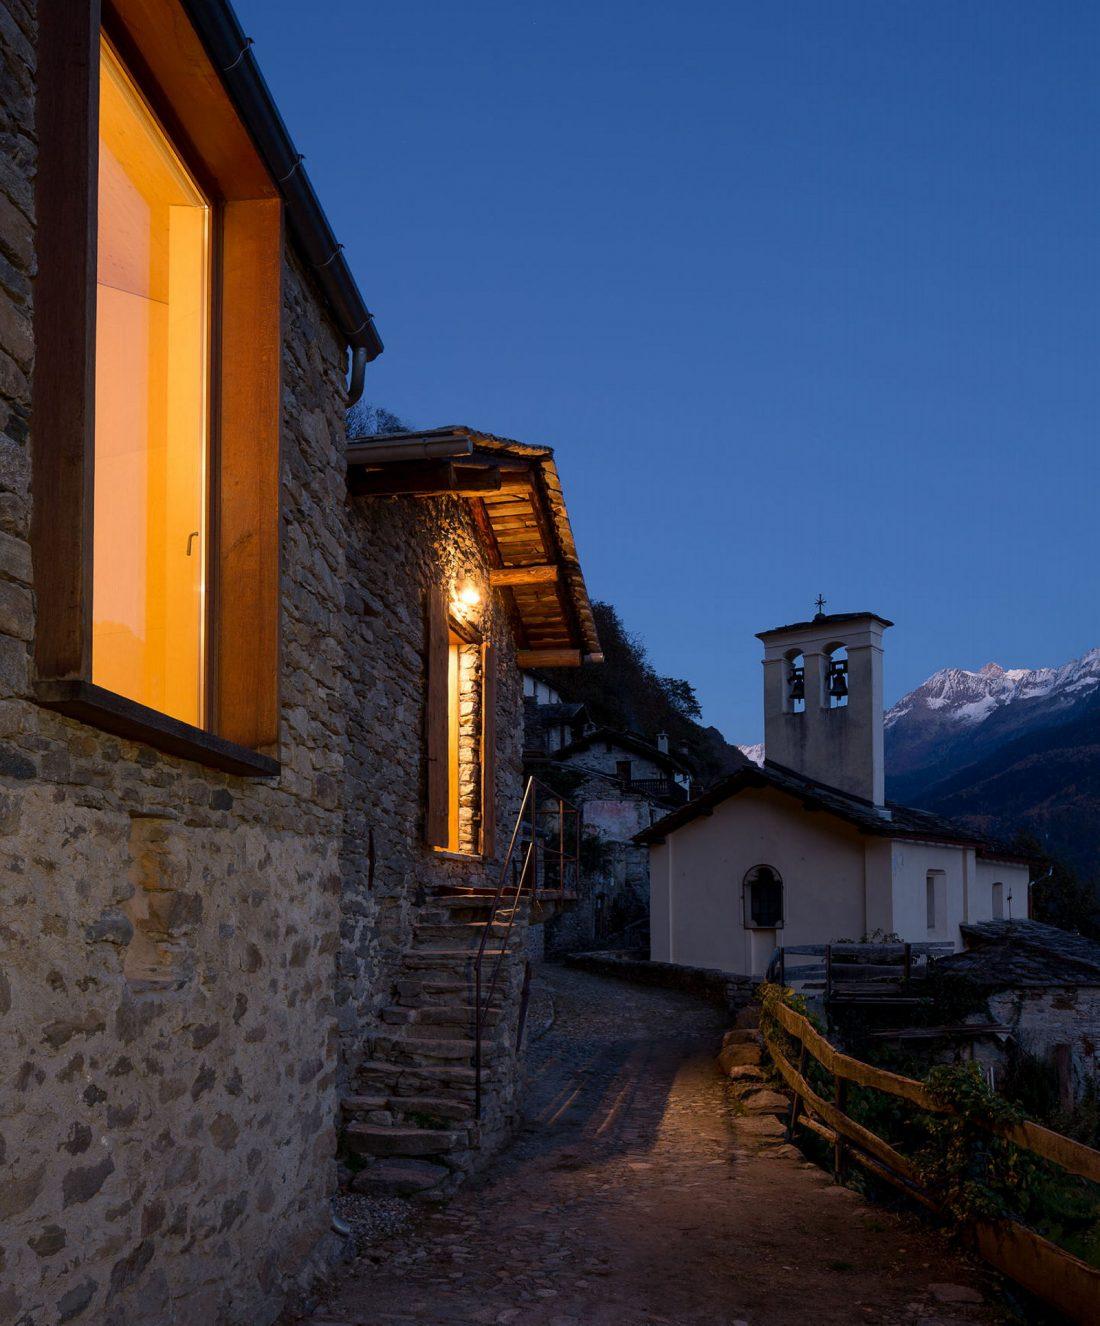 Реставрация старинного дома 16 века в Швейцарии по проекту Vudafieri Saverino Partners 3